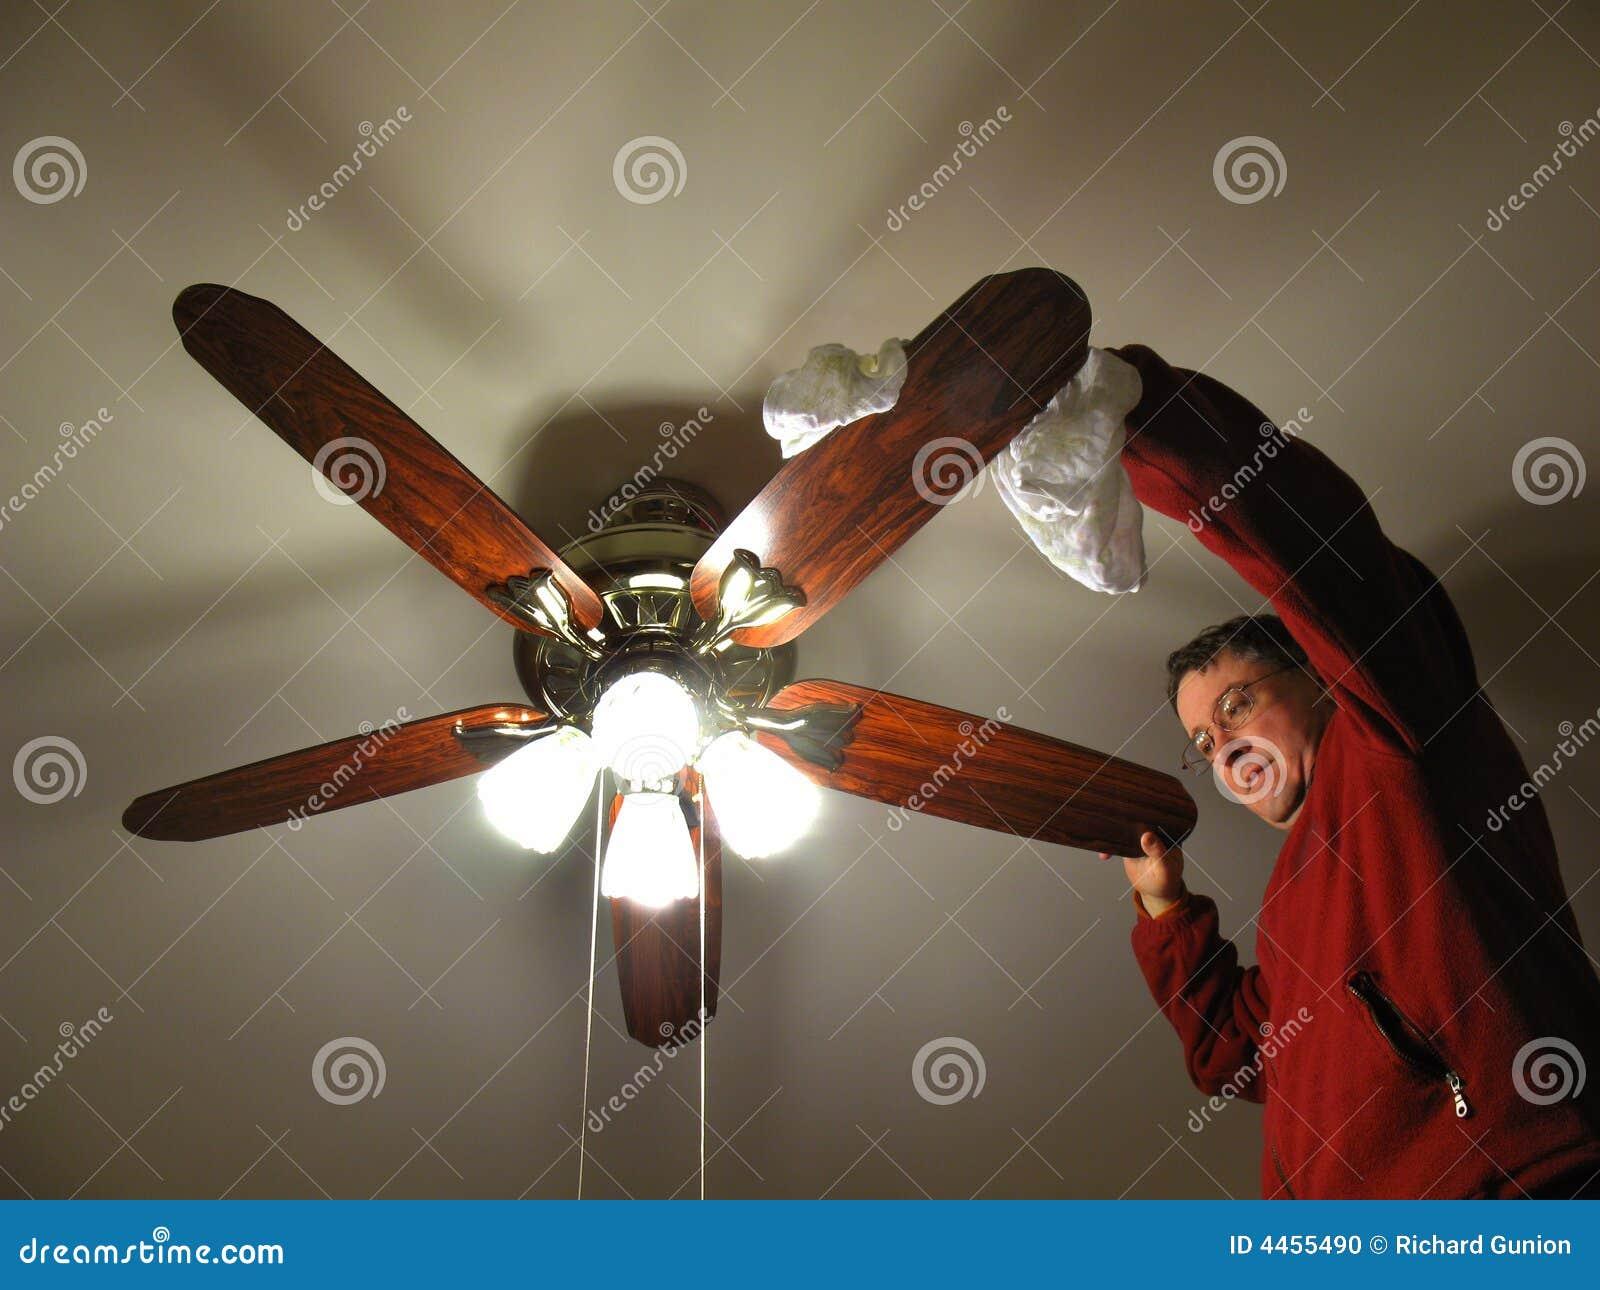 Limpieza del ventilador de techo